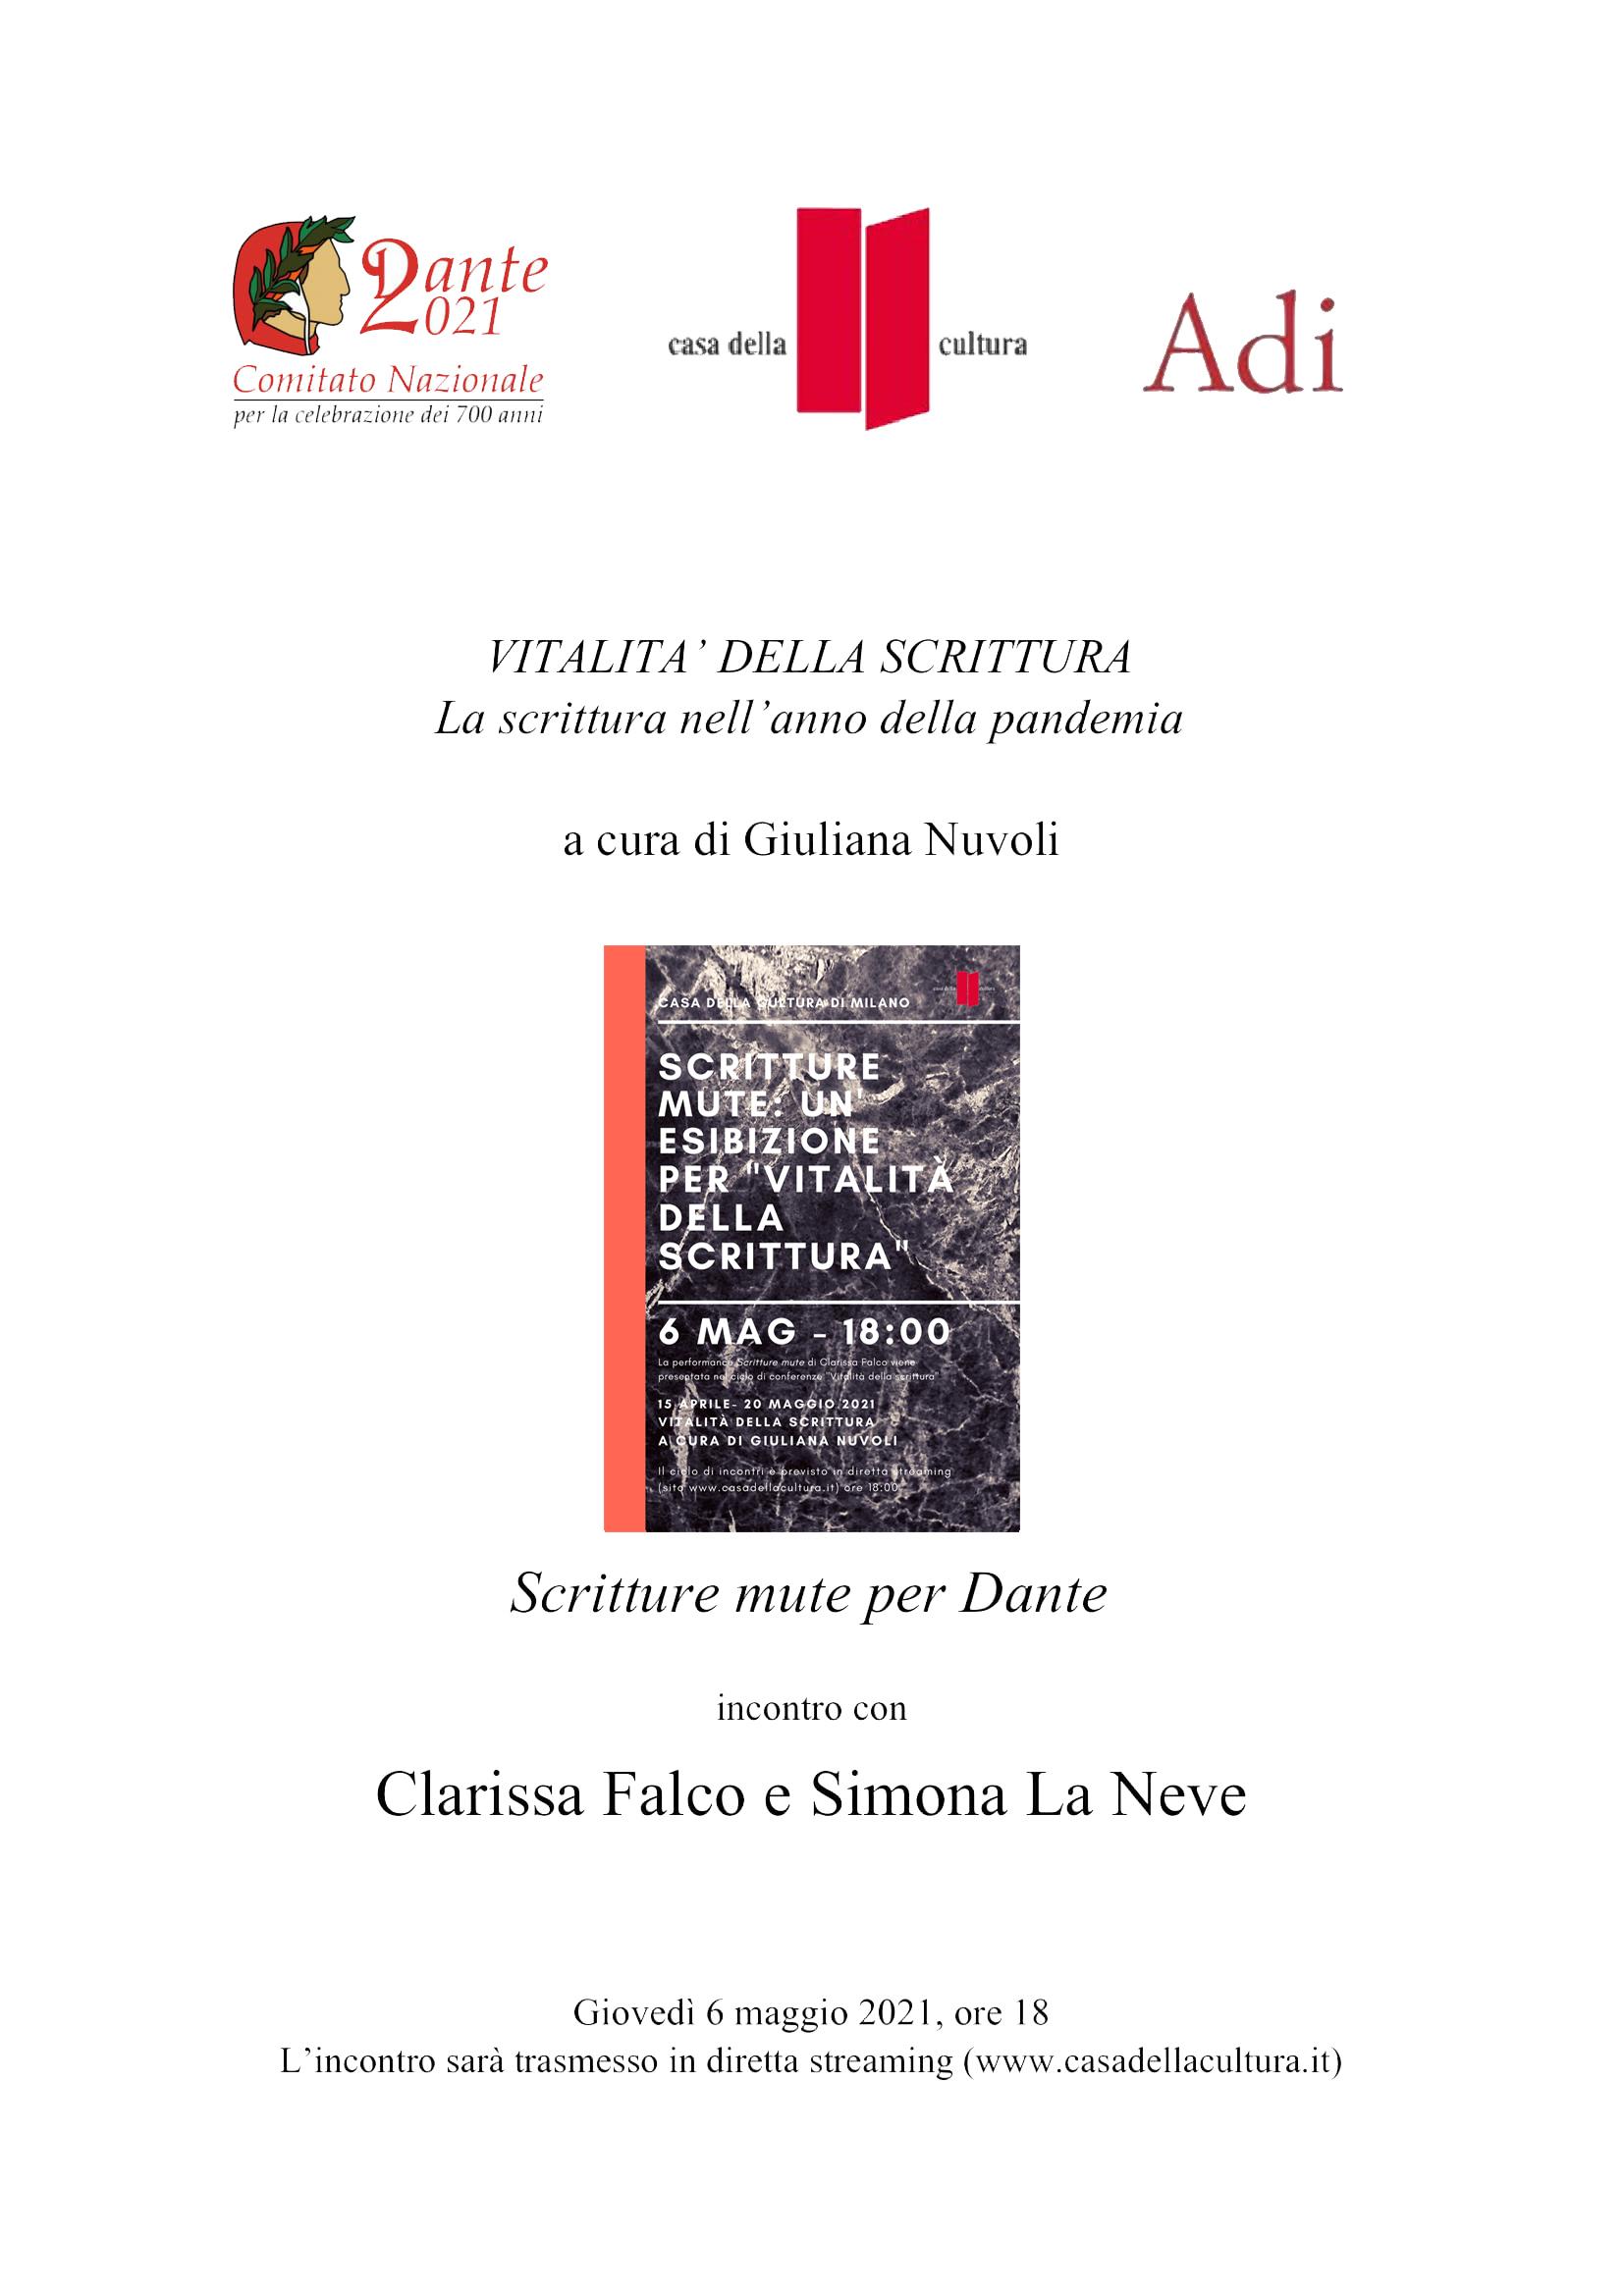 Giuliana Nuvoli presenta Clarissa Falco e Simona La Neve, Scritture mute per Dante, Casa della Cultura, 6 maggio 2021, ore 18 in diretta streaming www.casadellacultura. it